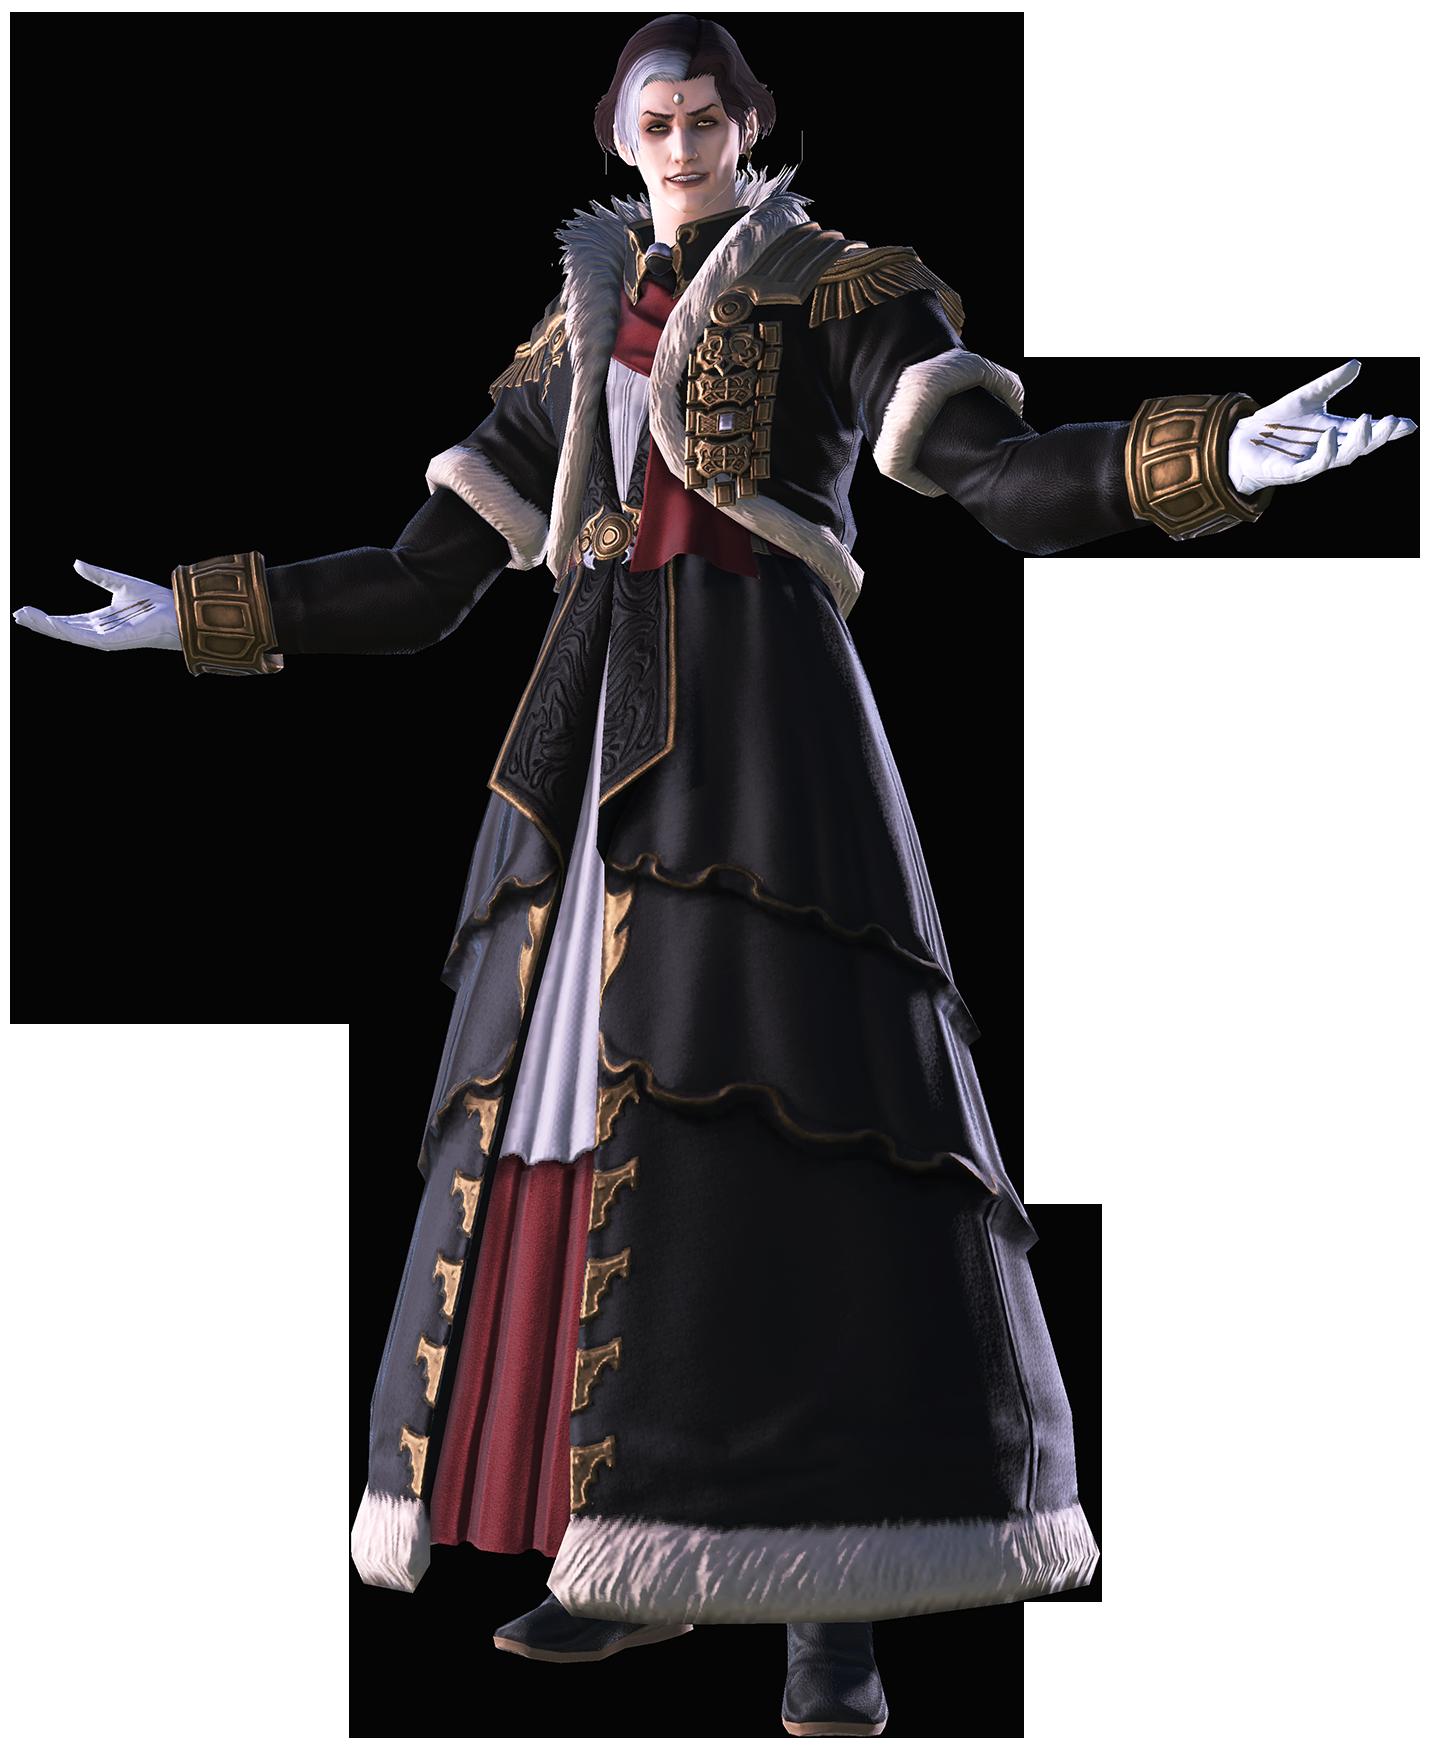 Solus zos Galvus | Final Fantasy Wiki | FANDOM powered by Wikia